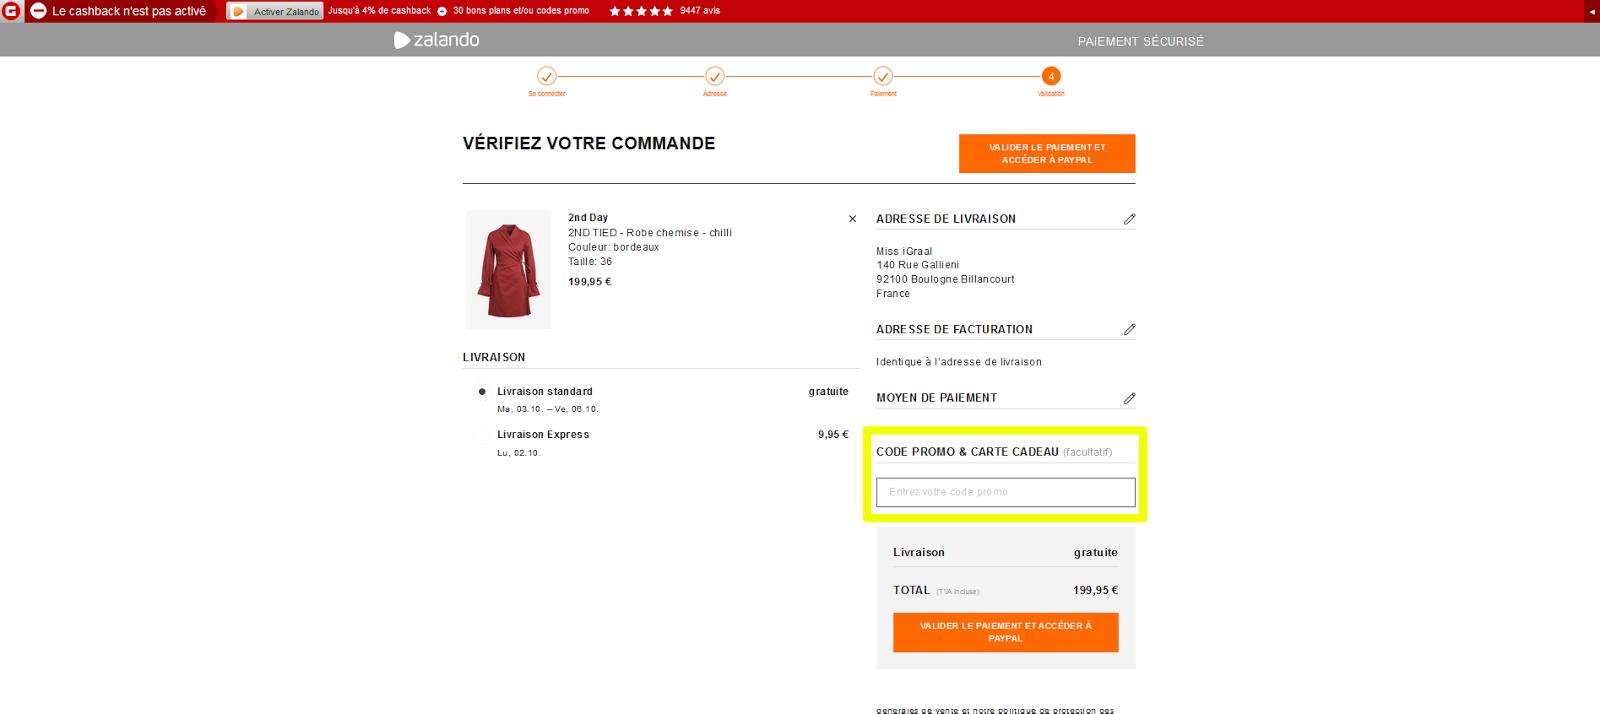 Code frais de port gratuit trendy for iphone s virgin mobile replie xx cm bras duextension prix - Frais de port gratuit zalando prive ...